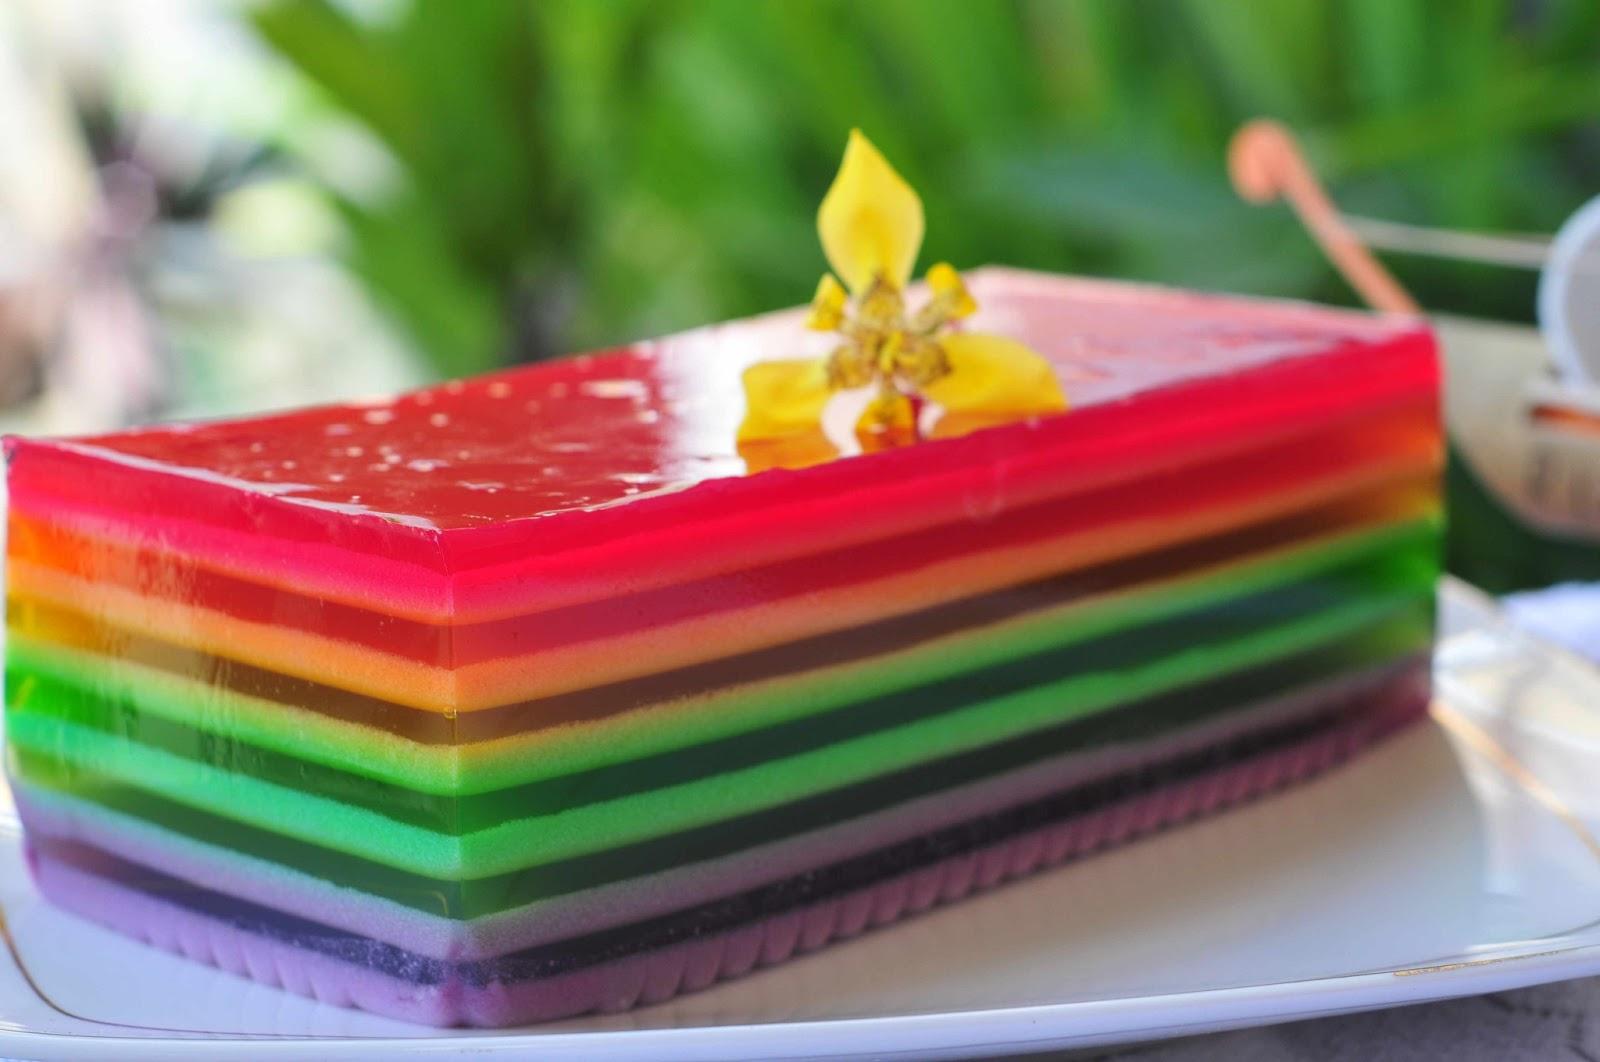 berupa hadiah kasih sayang, salah satunya ialah puding rainbow